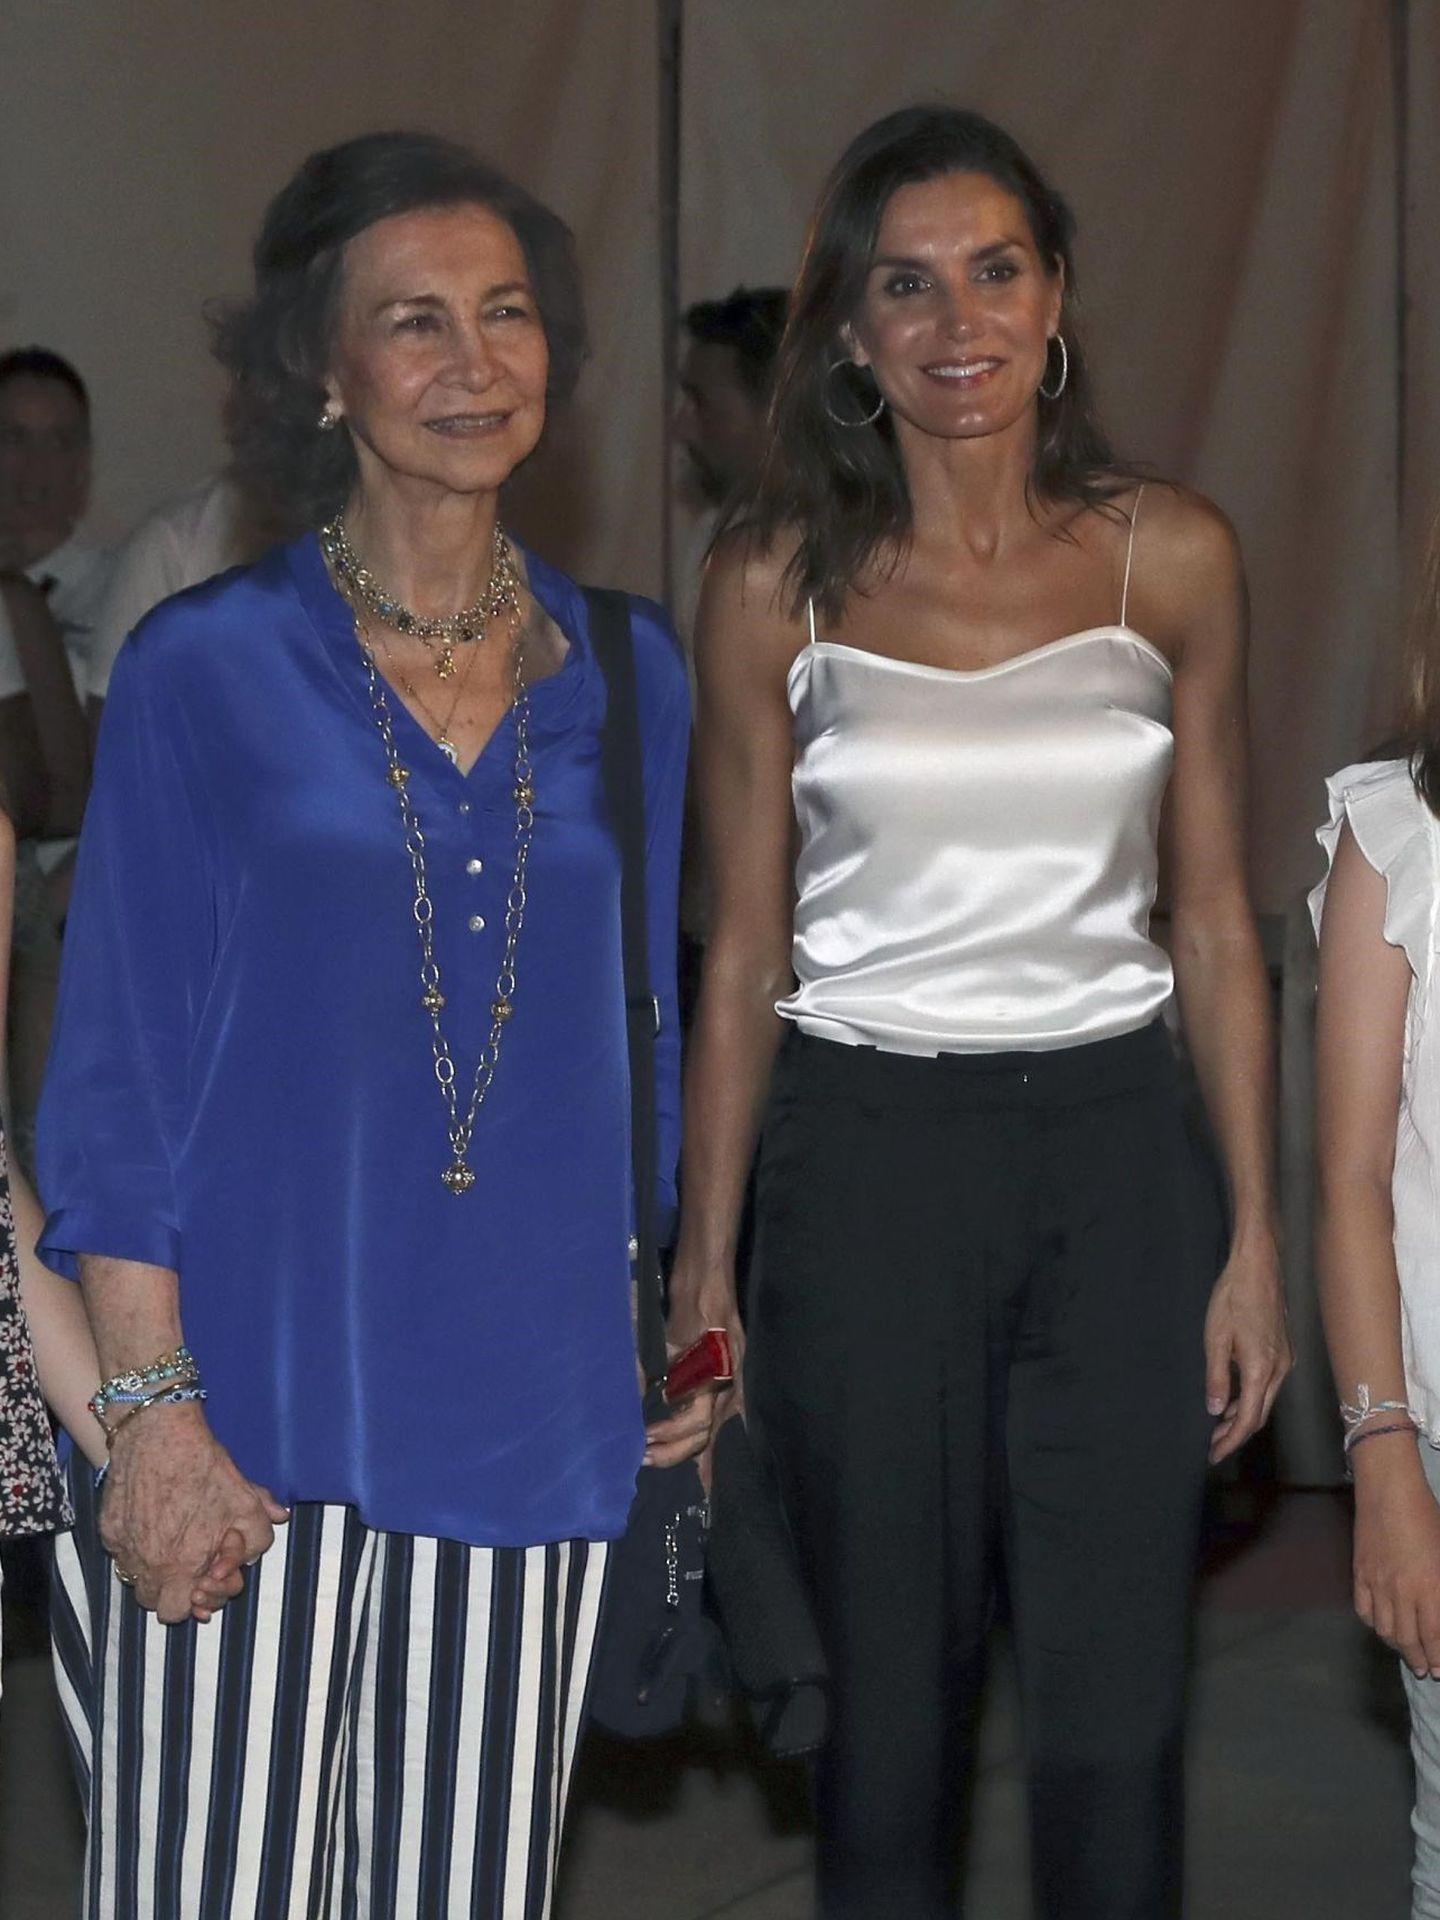 La reina Letizia posa con la reina Sofía a su salida del concierto del violinista Ara Malikian, en Palma de Mallorca. (EFE)